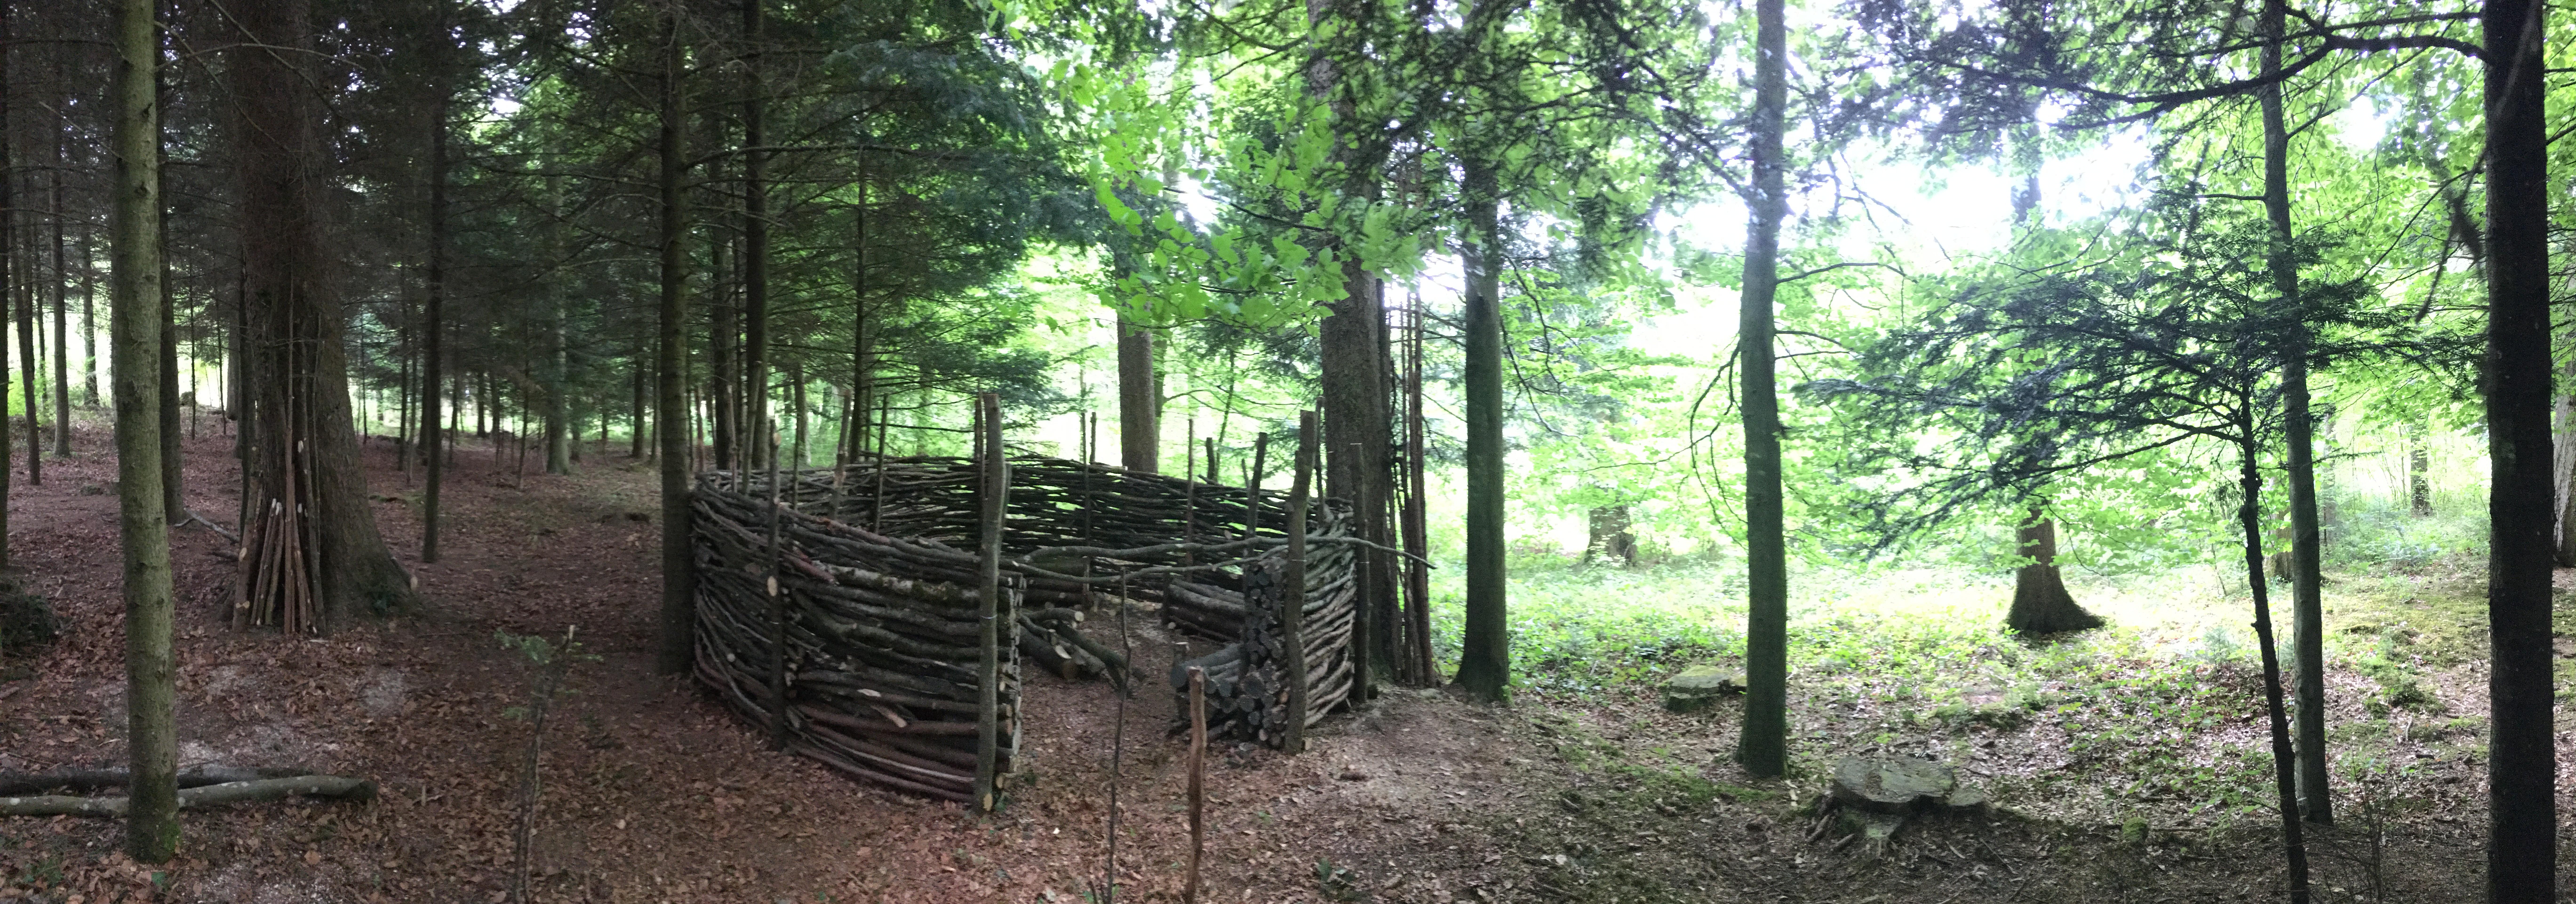 das Waldsofa nimmt Form an